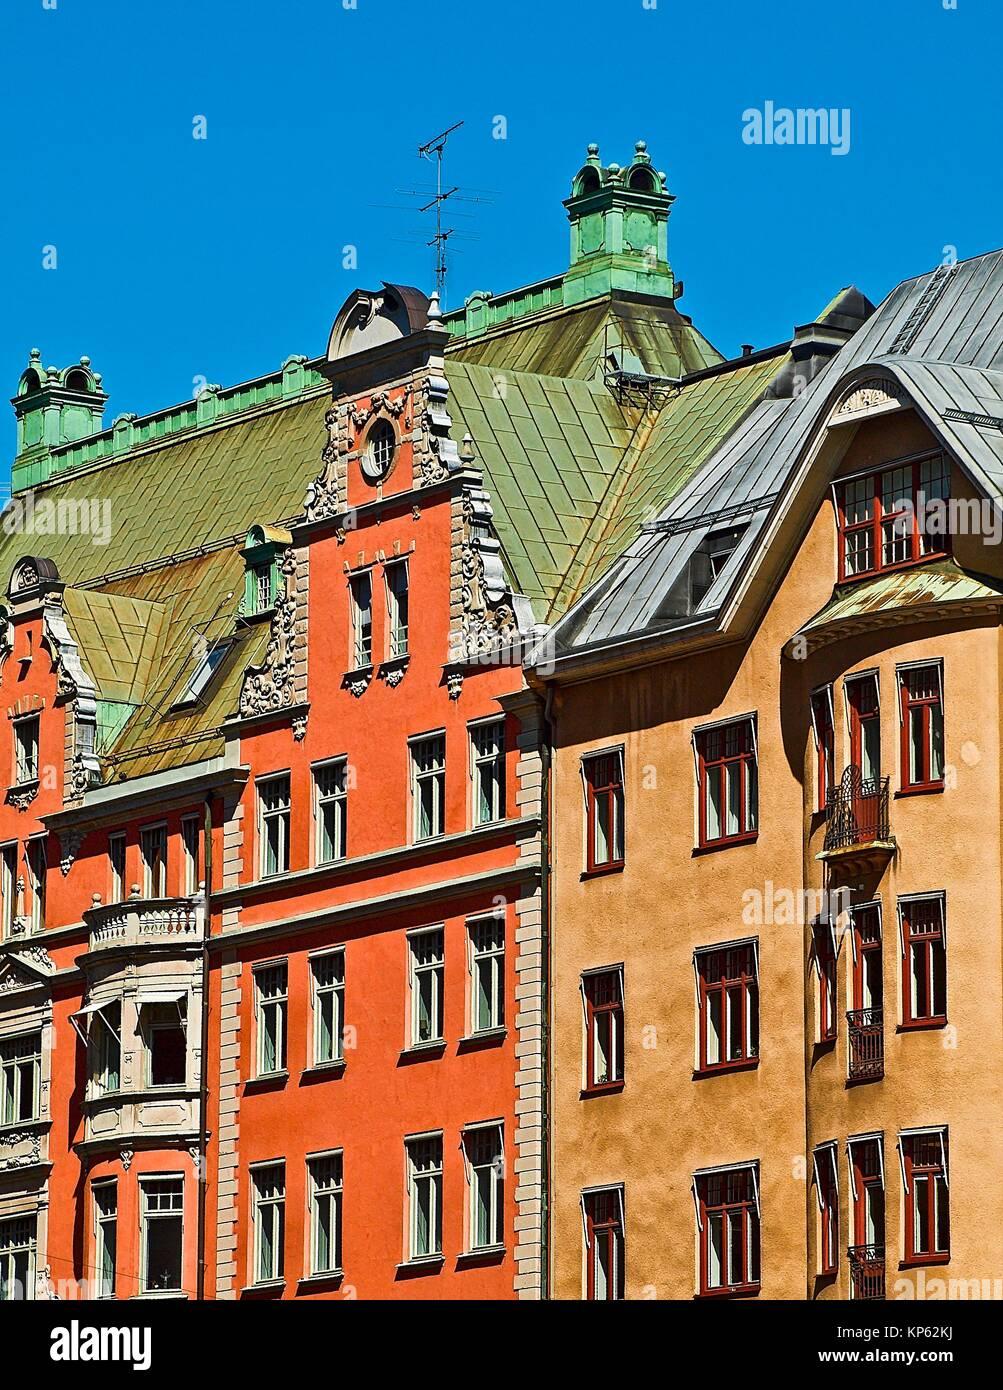 Case a Stoccolma, Svezia. Immagini Stock